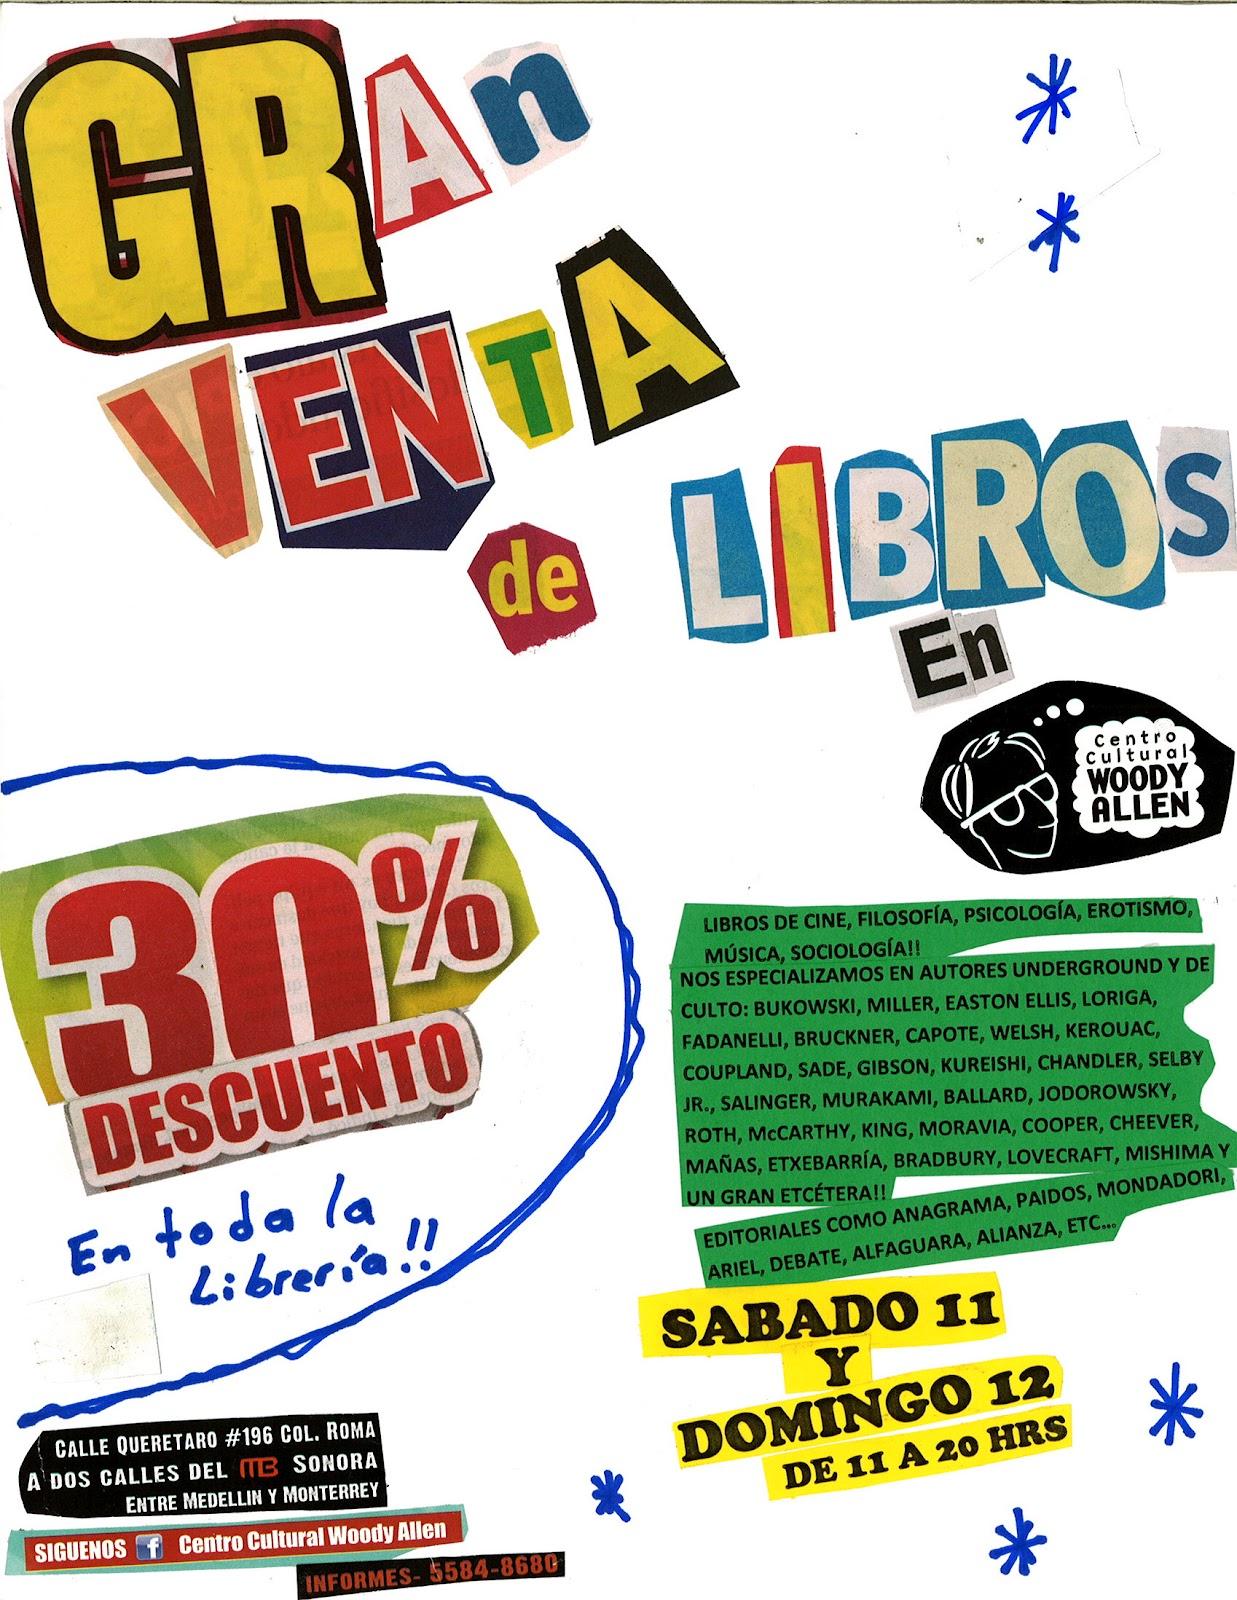 CENTRO CULTURAL WOODY ALLEN: GRAN VENTA DE LIBROS AGOSTO